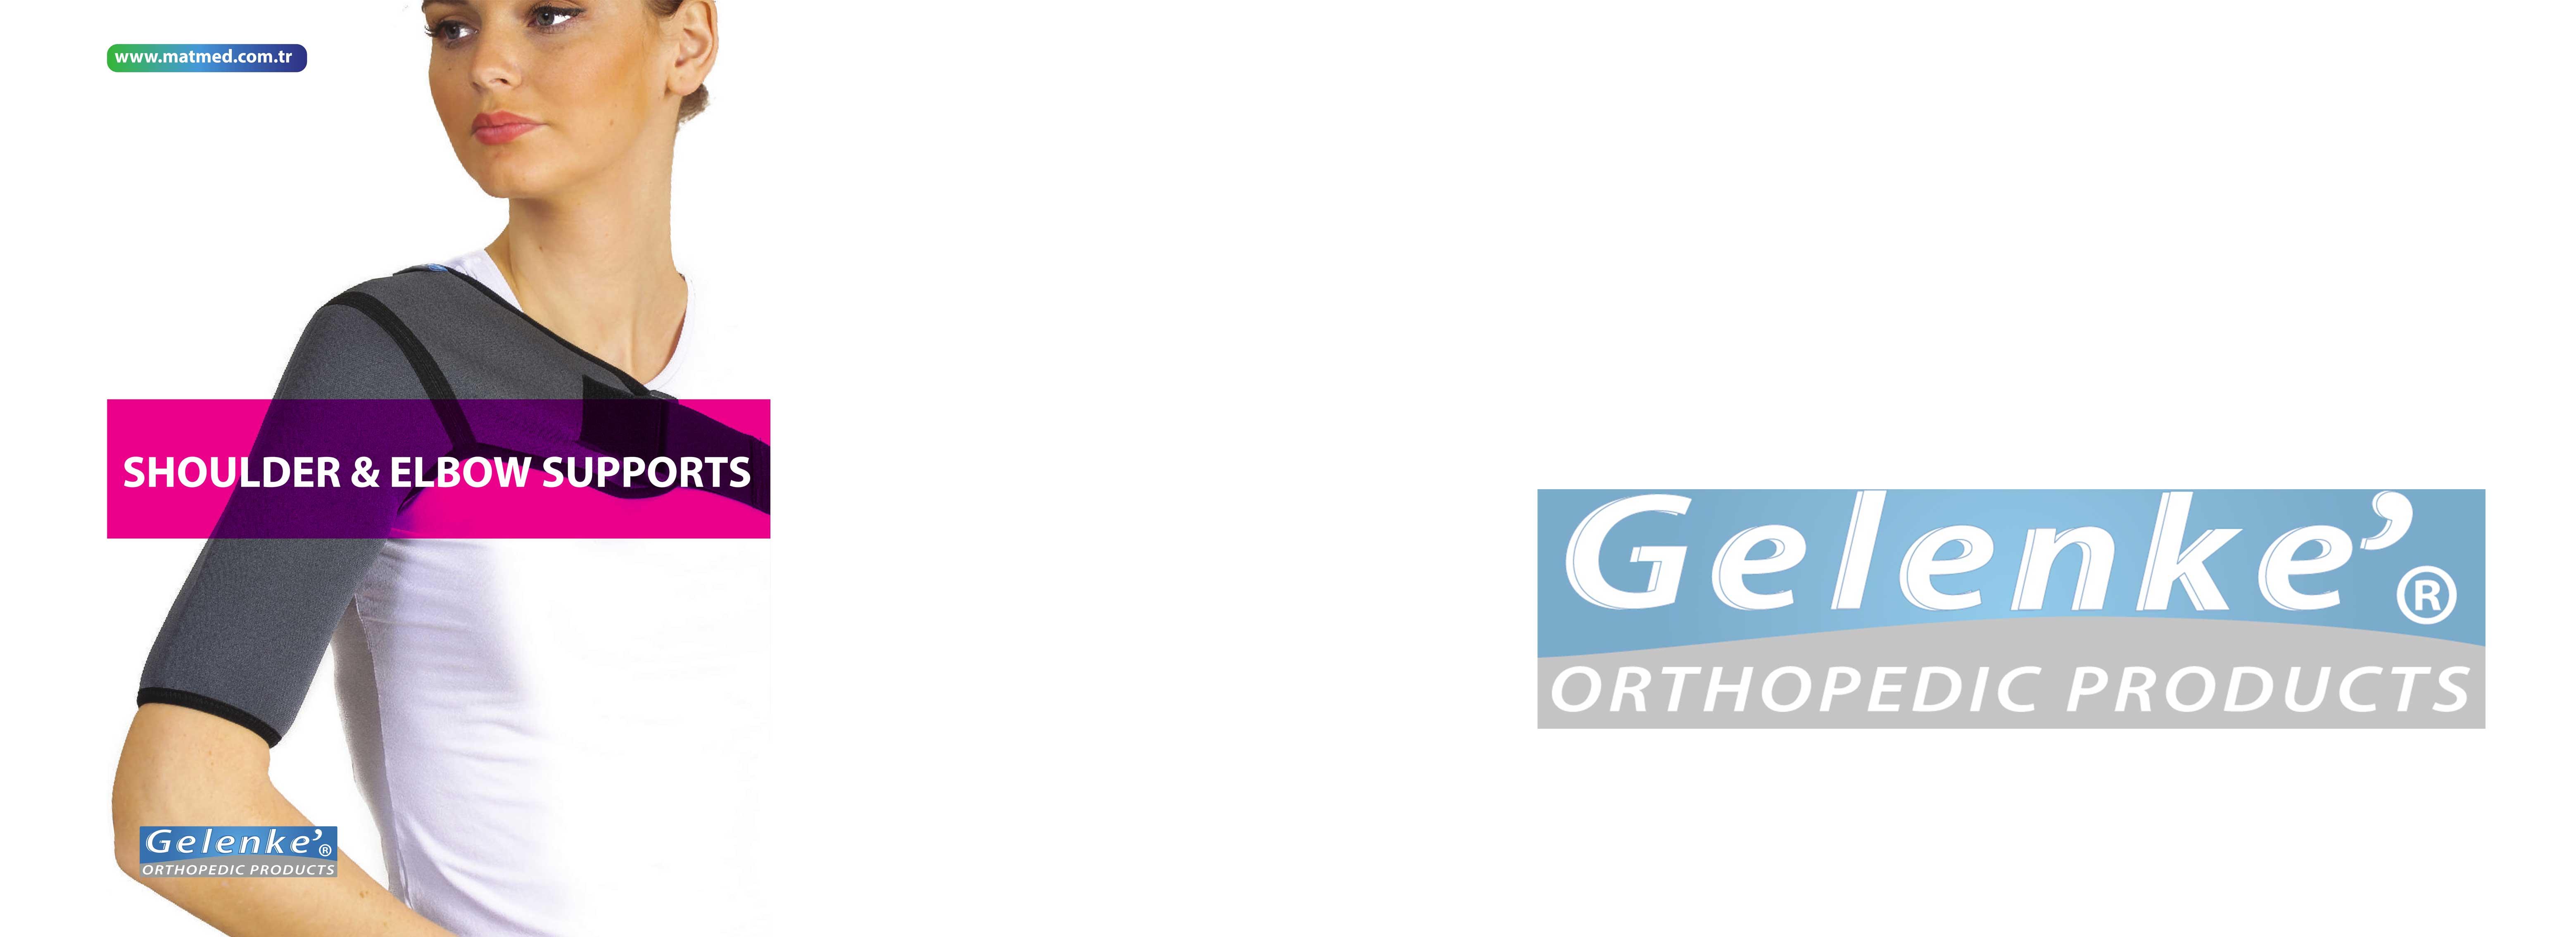 Gelenke-Slider-4-Shoulder-Support